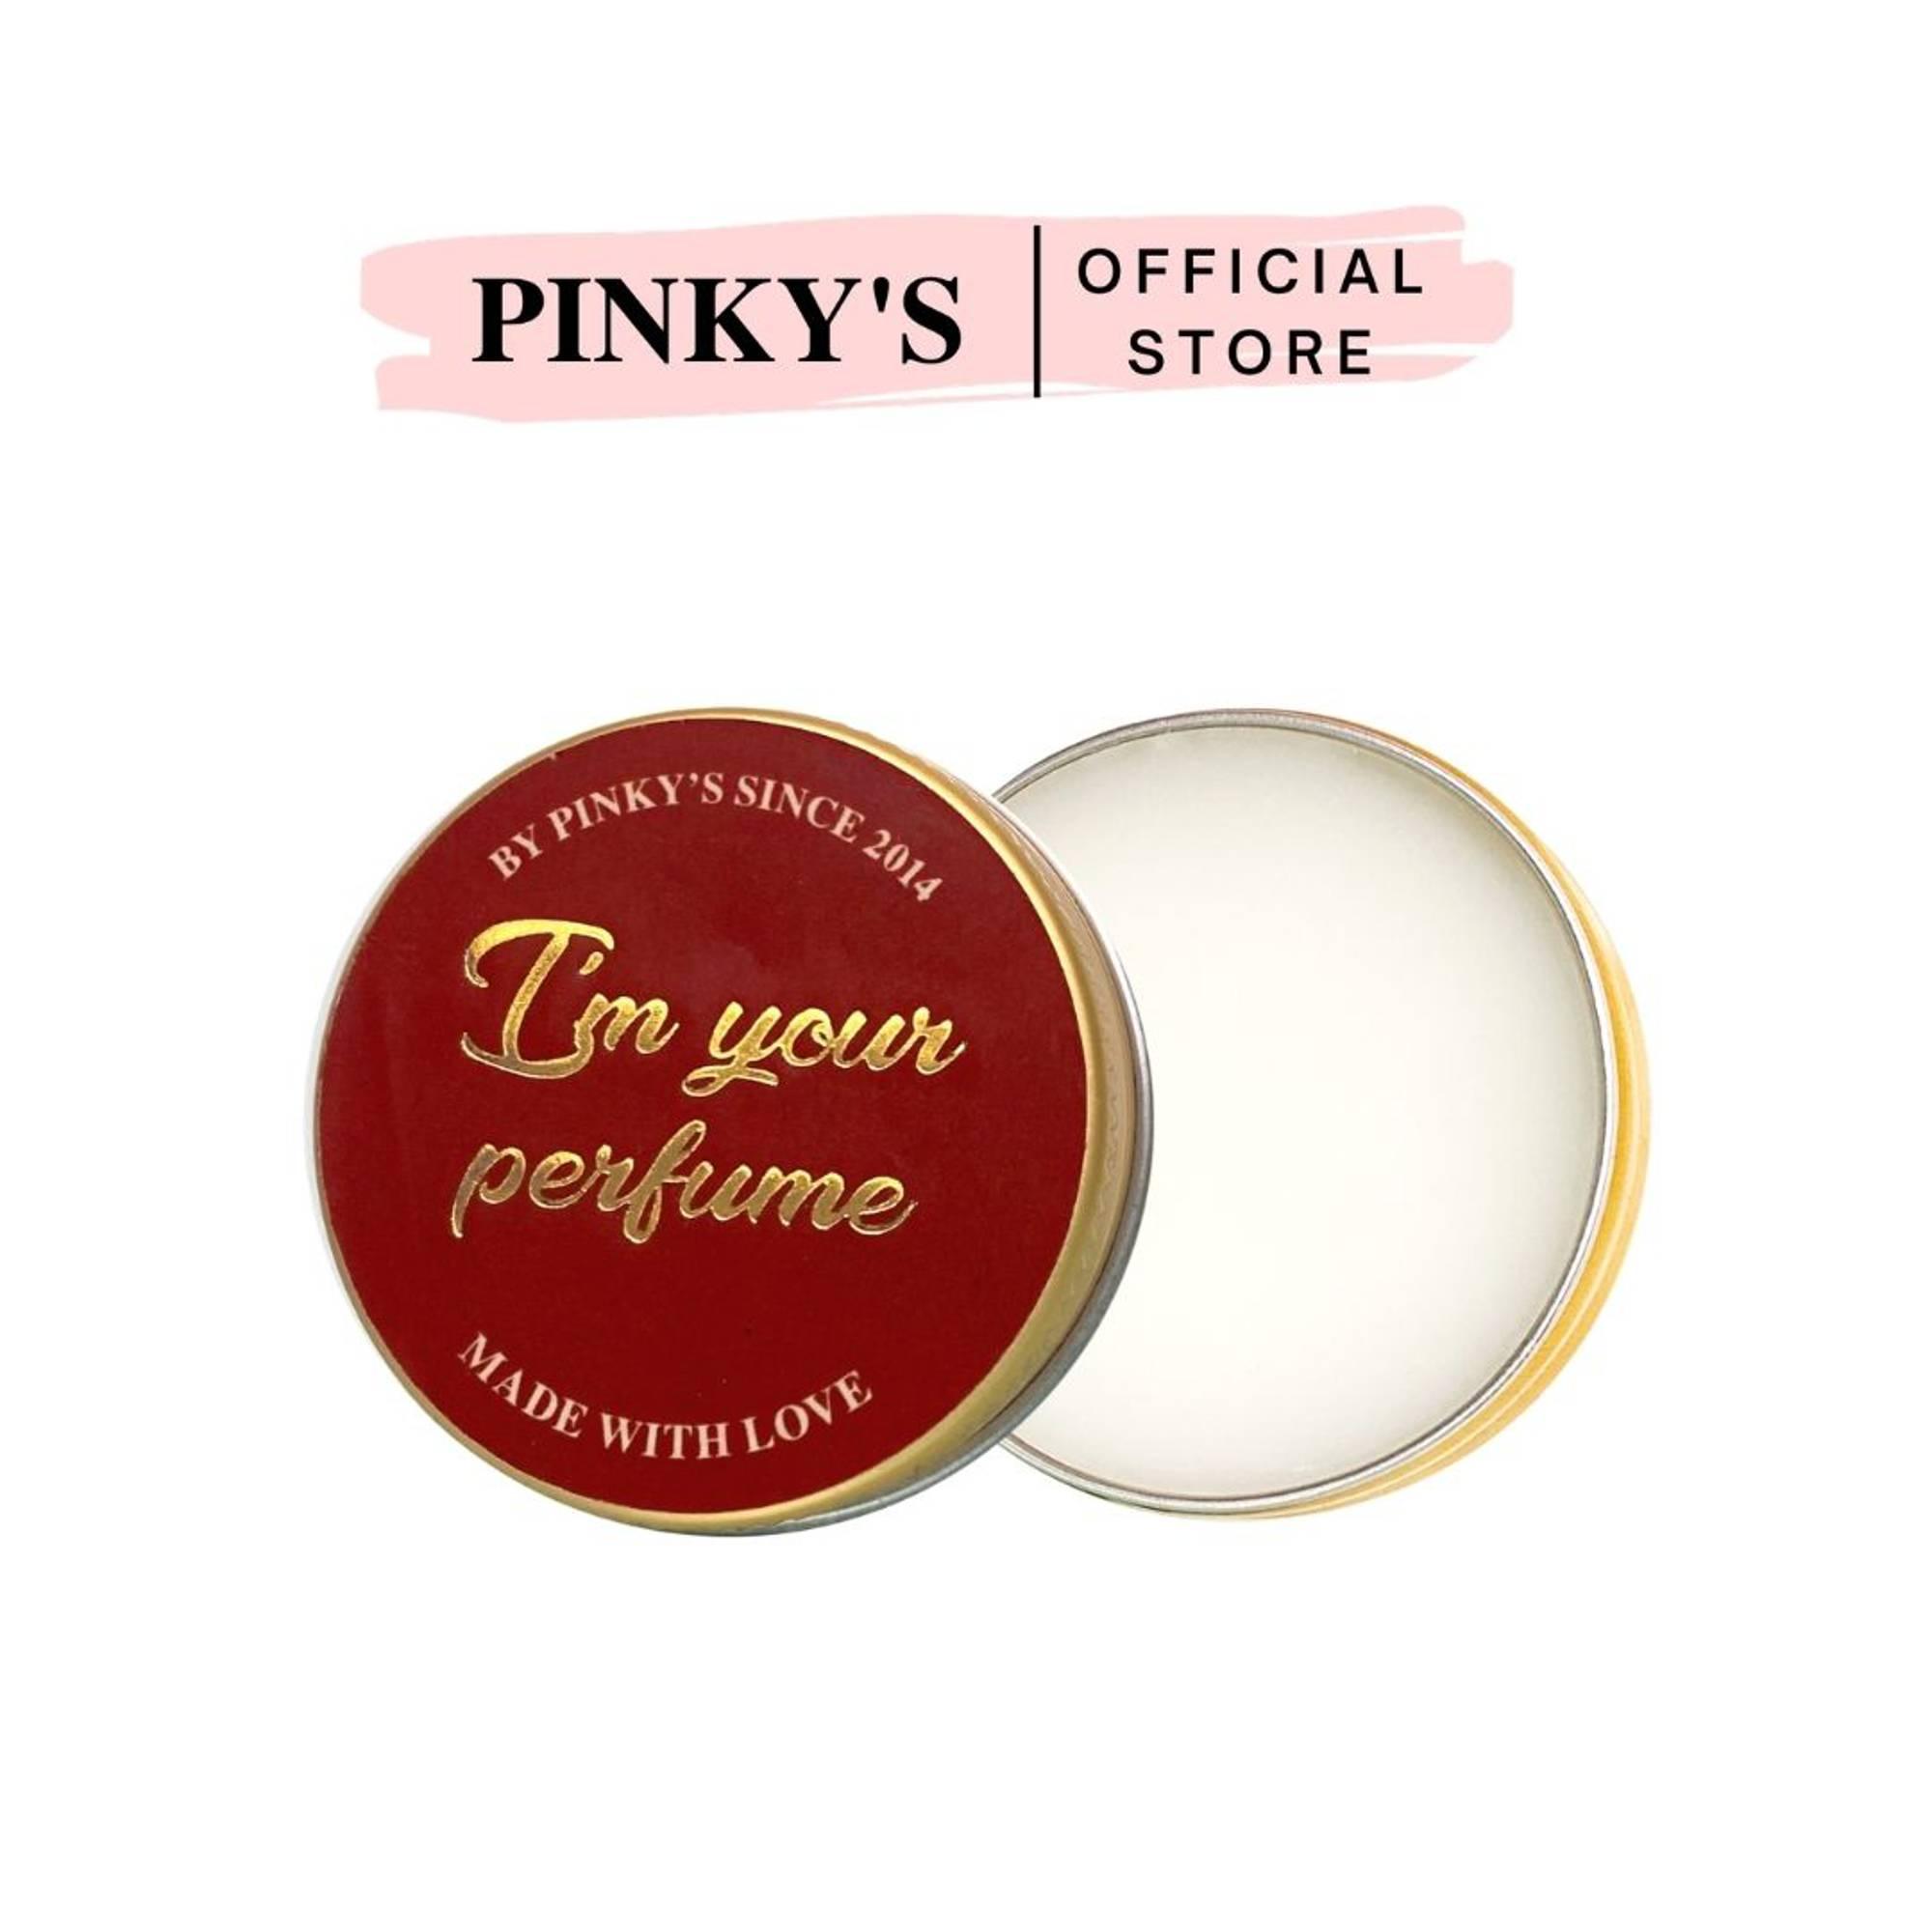 Nước hoa khô dạng sáp PINKY'S mùi Mon Paris